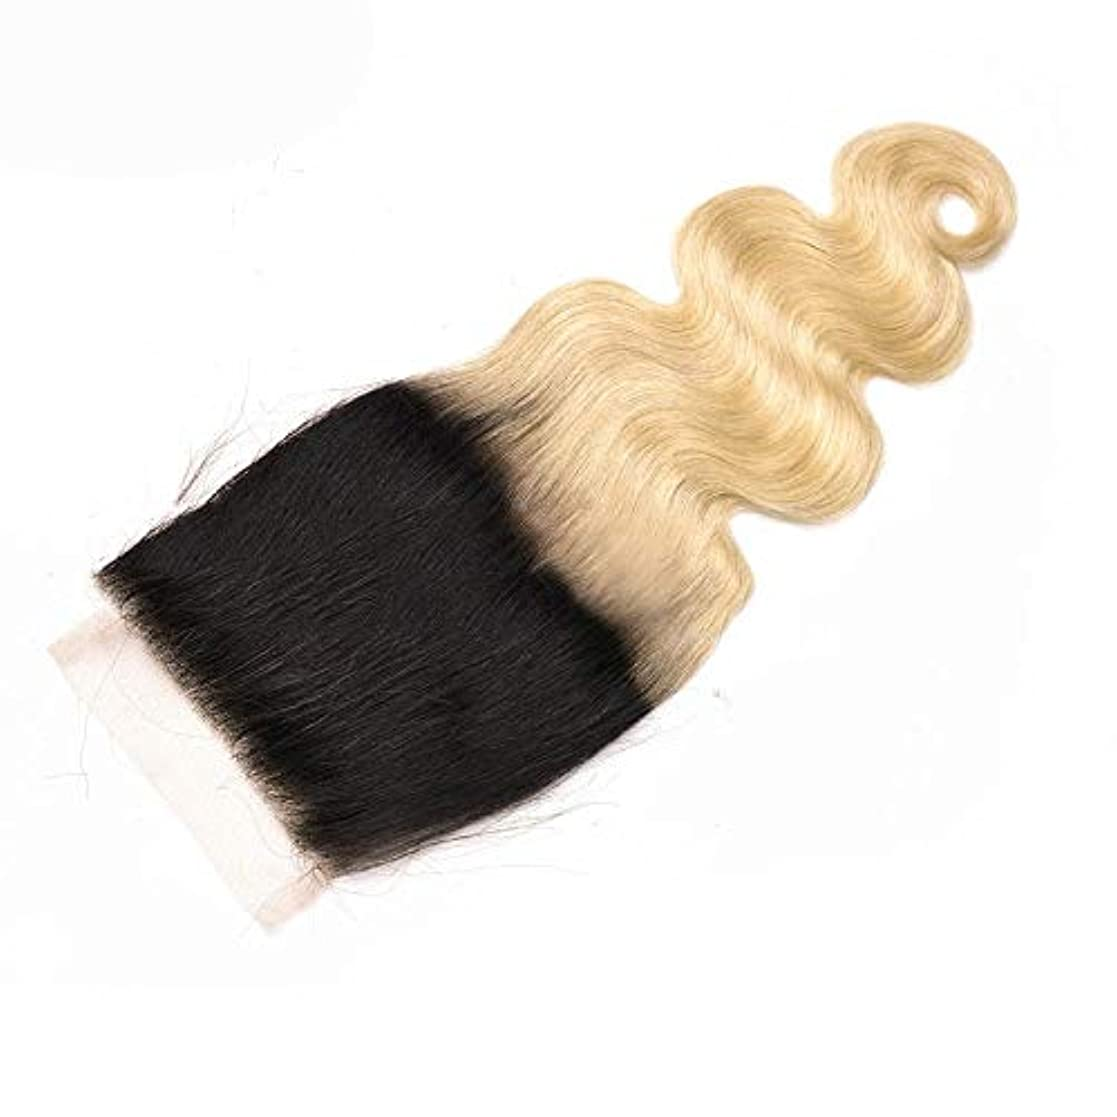 読者インサート役員WASAIO T1bの/ 613#ブラックにブロンド2トーン色 - ホワイト女性のボディウェーブレースフロンタル閉鎖のためのウィッグ (色 : Blonde, サイズ : 18 inch)